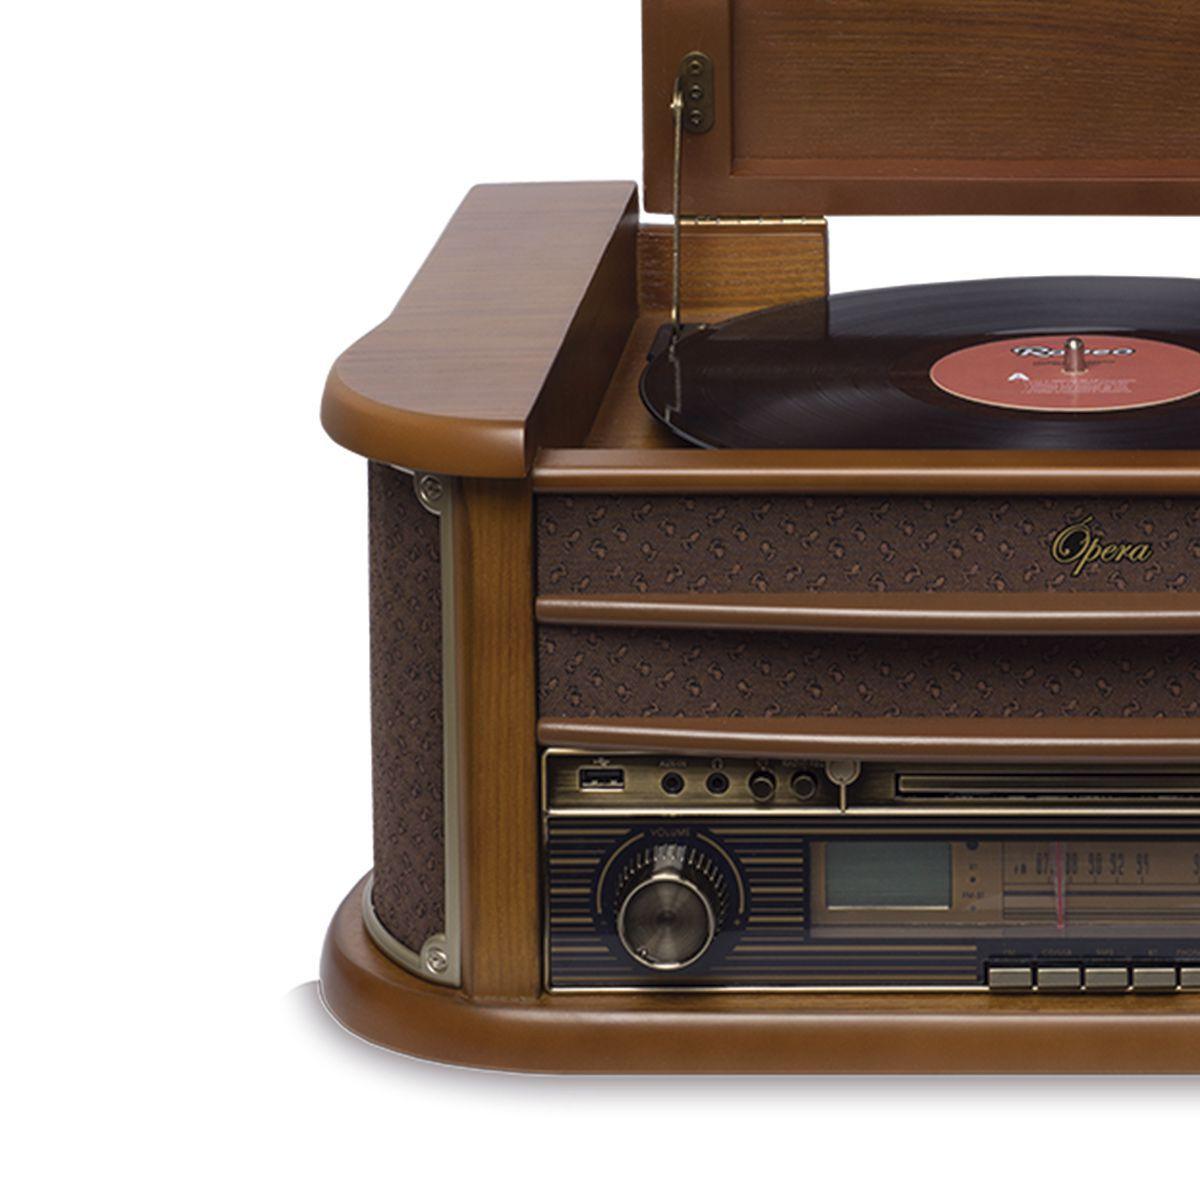 Vitrola Raveo Opera BT com Toca Discos, O mais Vintage da categoria.